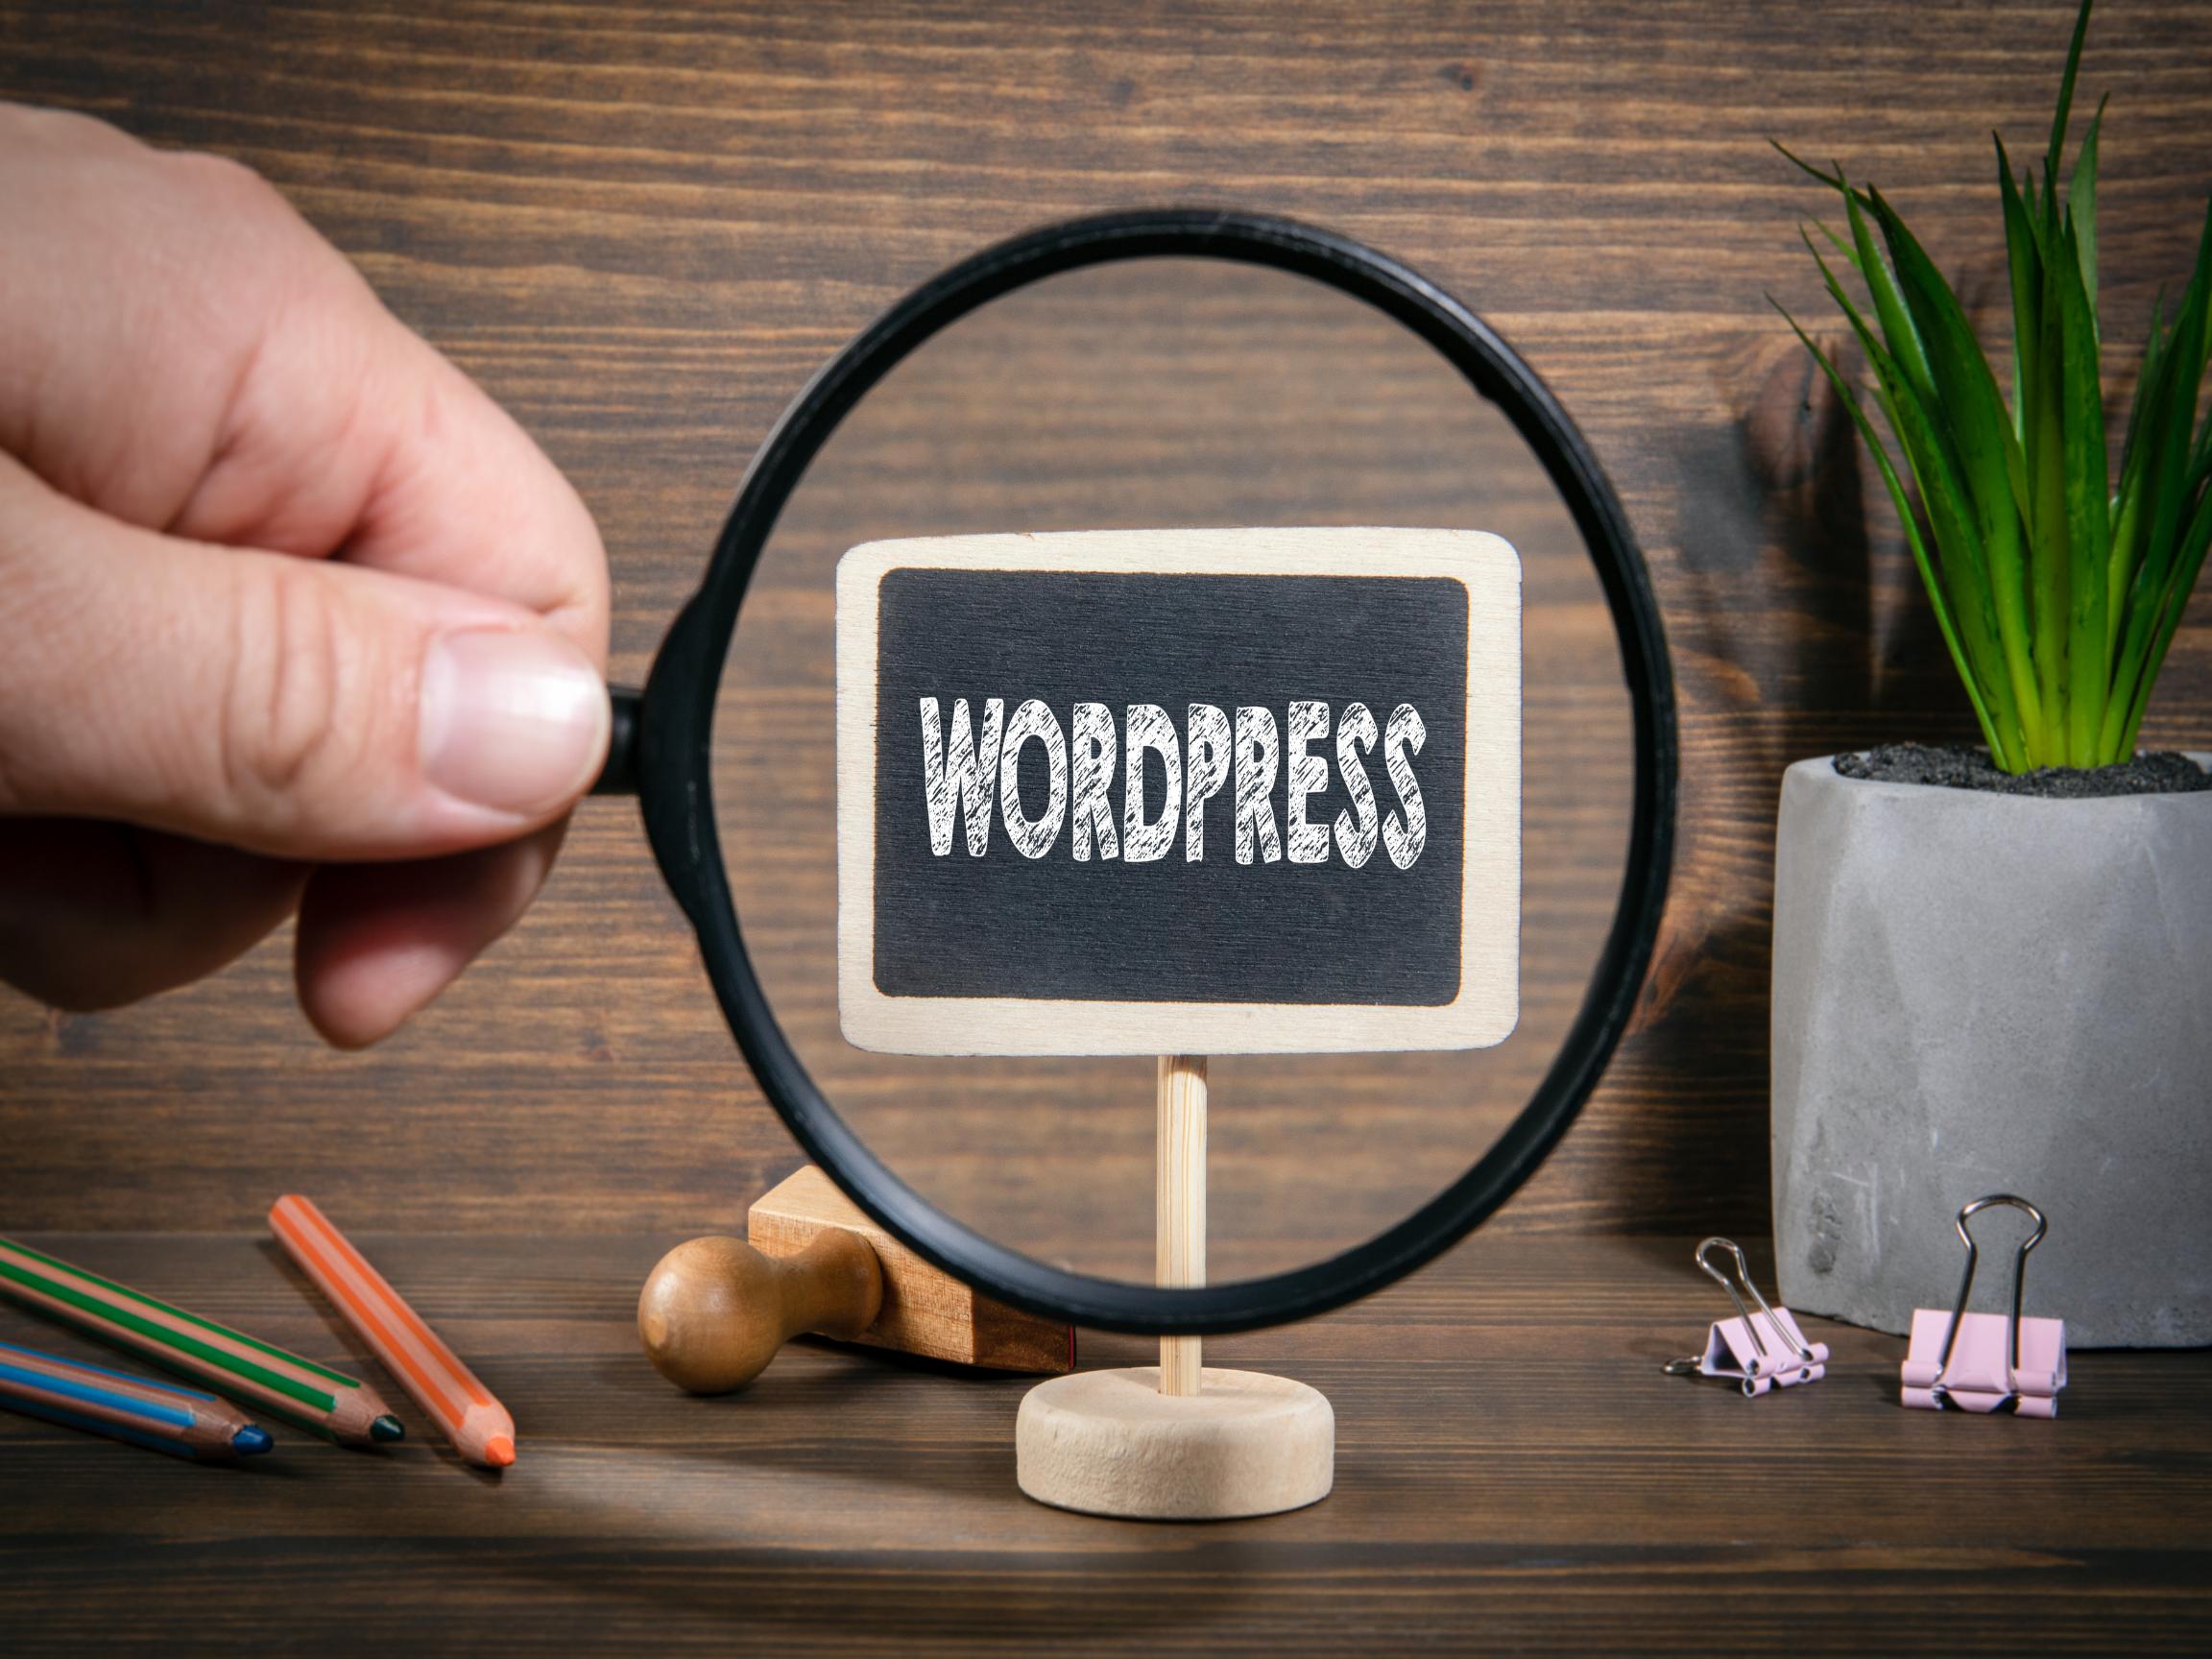 Wordpress Website Development In just 7 Days